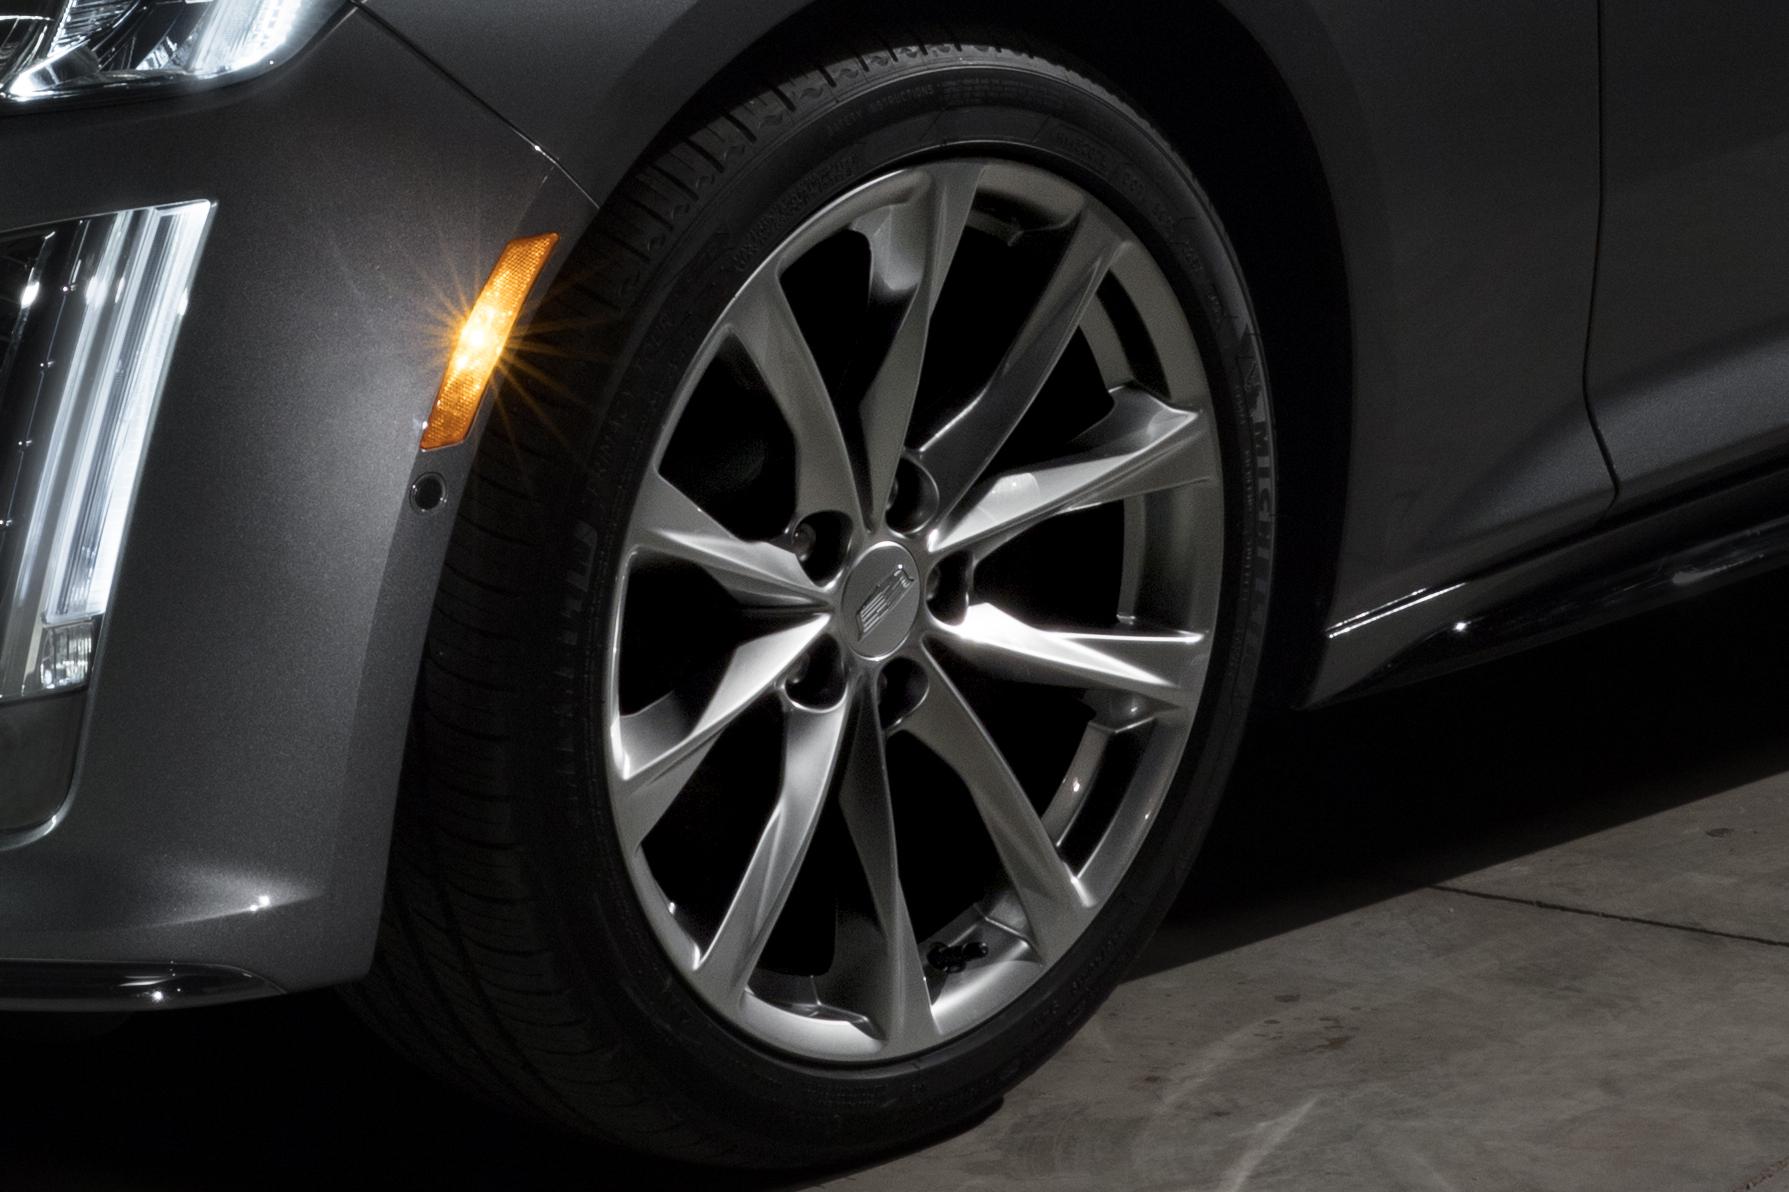 2020 Cadillac CT5 Wheel Wallpaper (8)